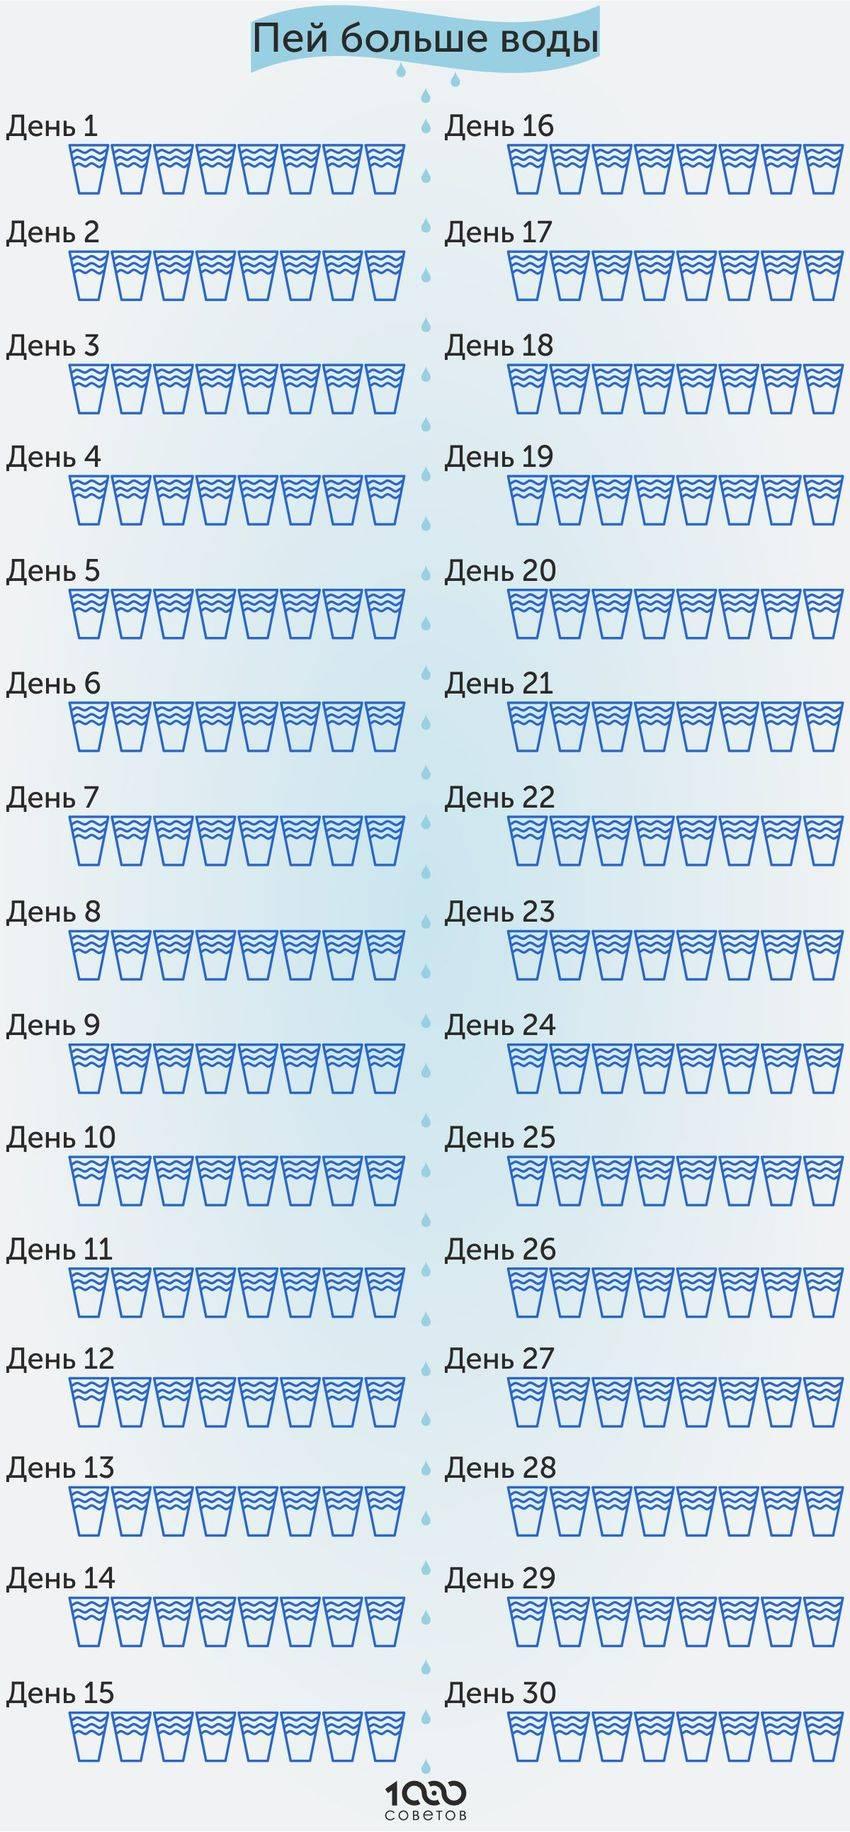 8 стаканов воды: 8 простых трюков, которые помогут не забывать про них каждый день